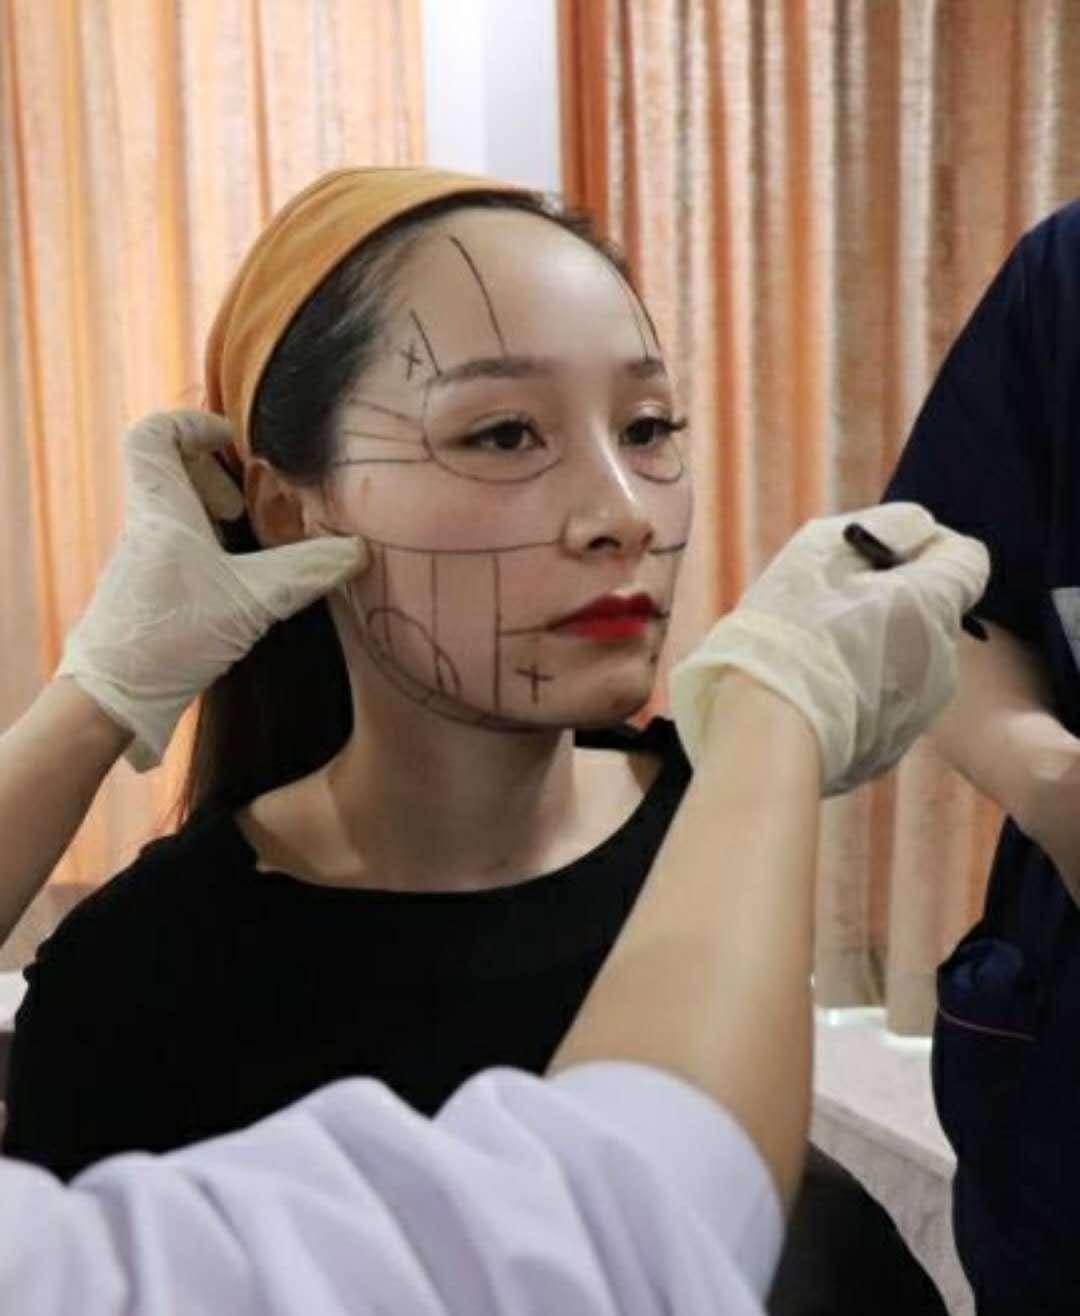 超声刀美容手术的过程并不复杂,前期护士会帮您敷麻药30分钟,清洁皮肤。接着开始操作。医生首先会在求美者脸上涂上类似B超凝胶的耦合剂,待探头贴合以后由医生操作慢慢滑动,每次间隔2mm,然后再移动。在手术的过程中,医生会根据求美者皮肤情况,调节仪器强度,并且观察超声波到达皮层深度的位置,以确保达到理想的疗效。超声刀美容治疗所需要的时间不会太过长,以全脸手术为例,只需要40分钟左右。                 适应肌肤出现皱纹的人群,脸部有鱼尾纹、额头纹、鼻唇沟、颈纹等多种皱纹 肌肤老化、松弛、下垂的人群下颚松弛,有双下巴、眼角下垂、眉尾下垂等人群